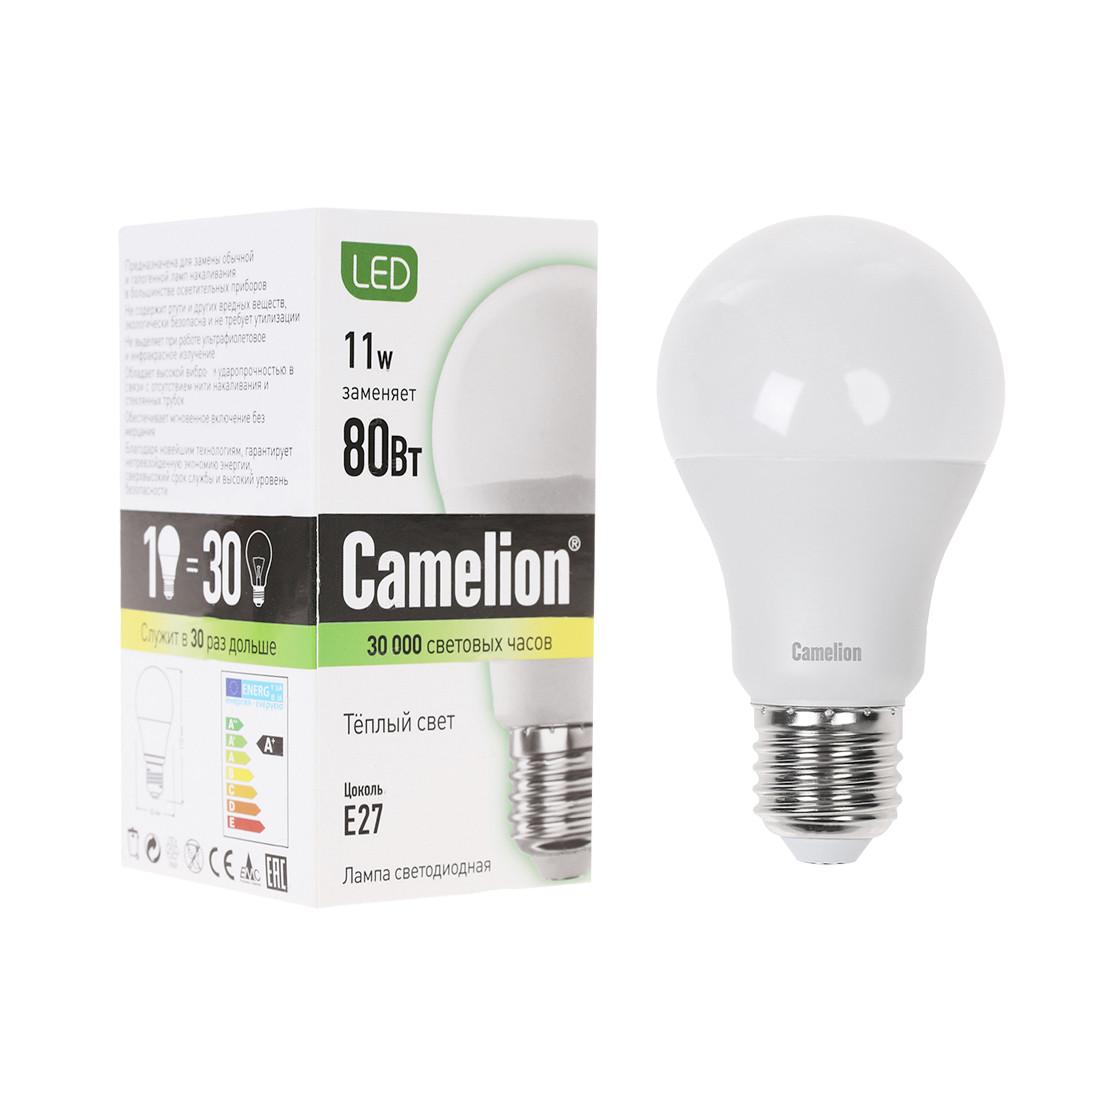 Эл. лампа светодиодная Camelion LED11-A60/830/E27, Тёплый